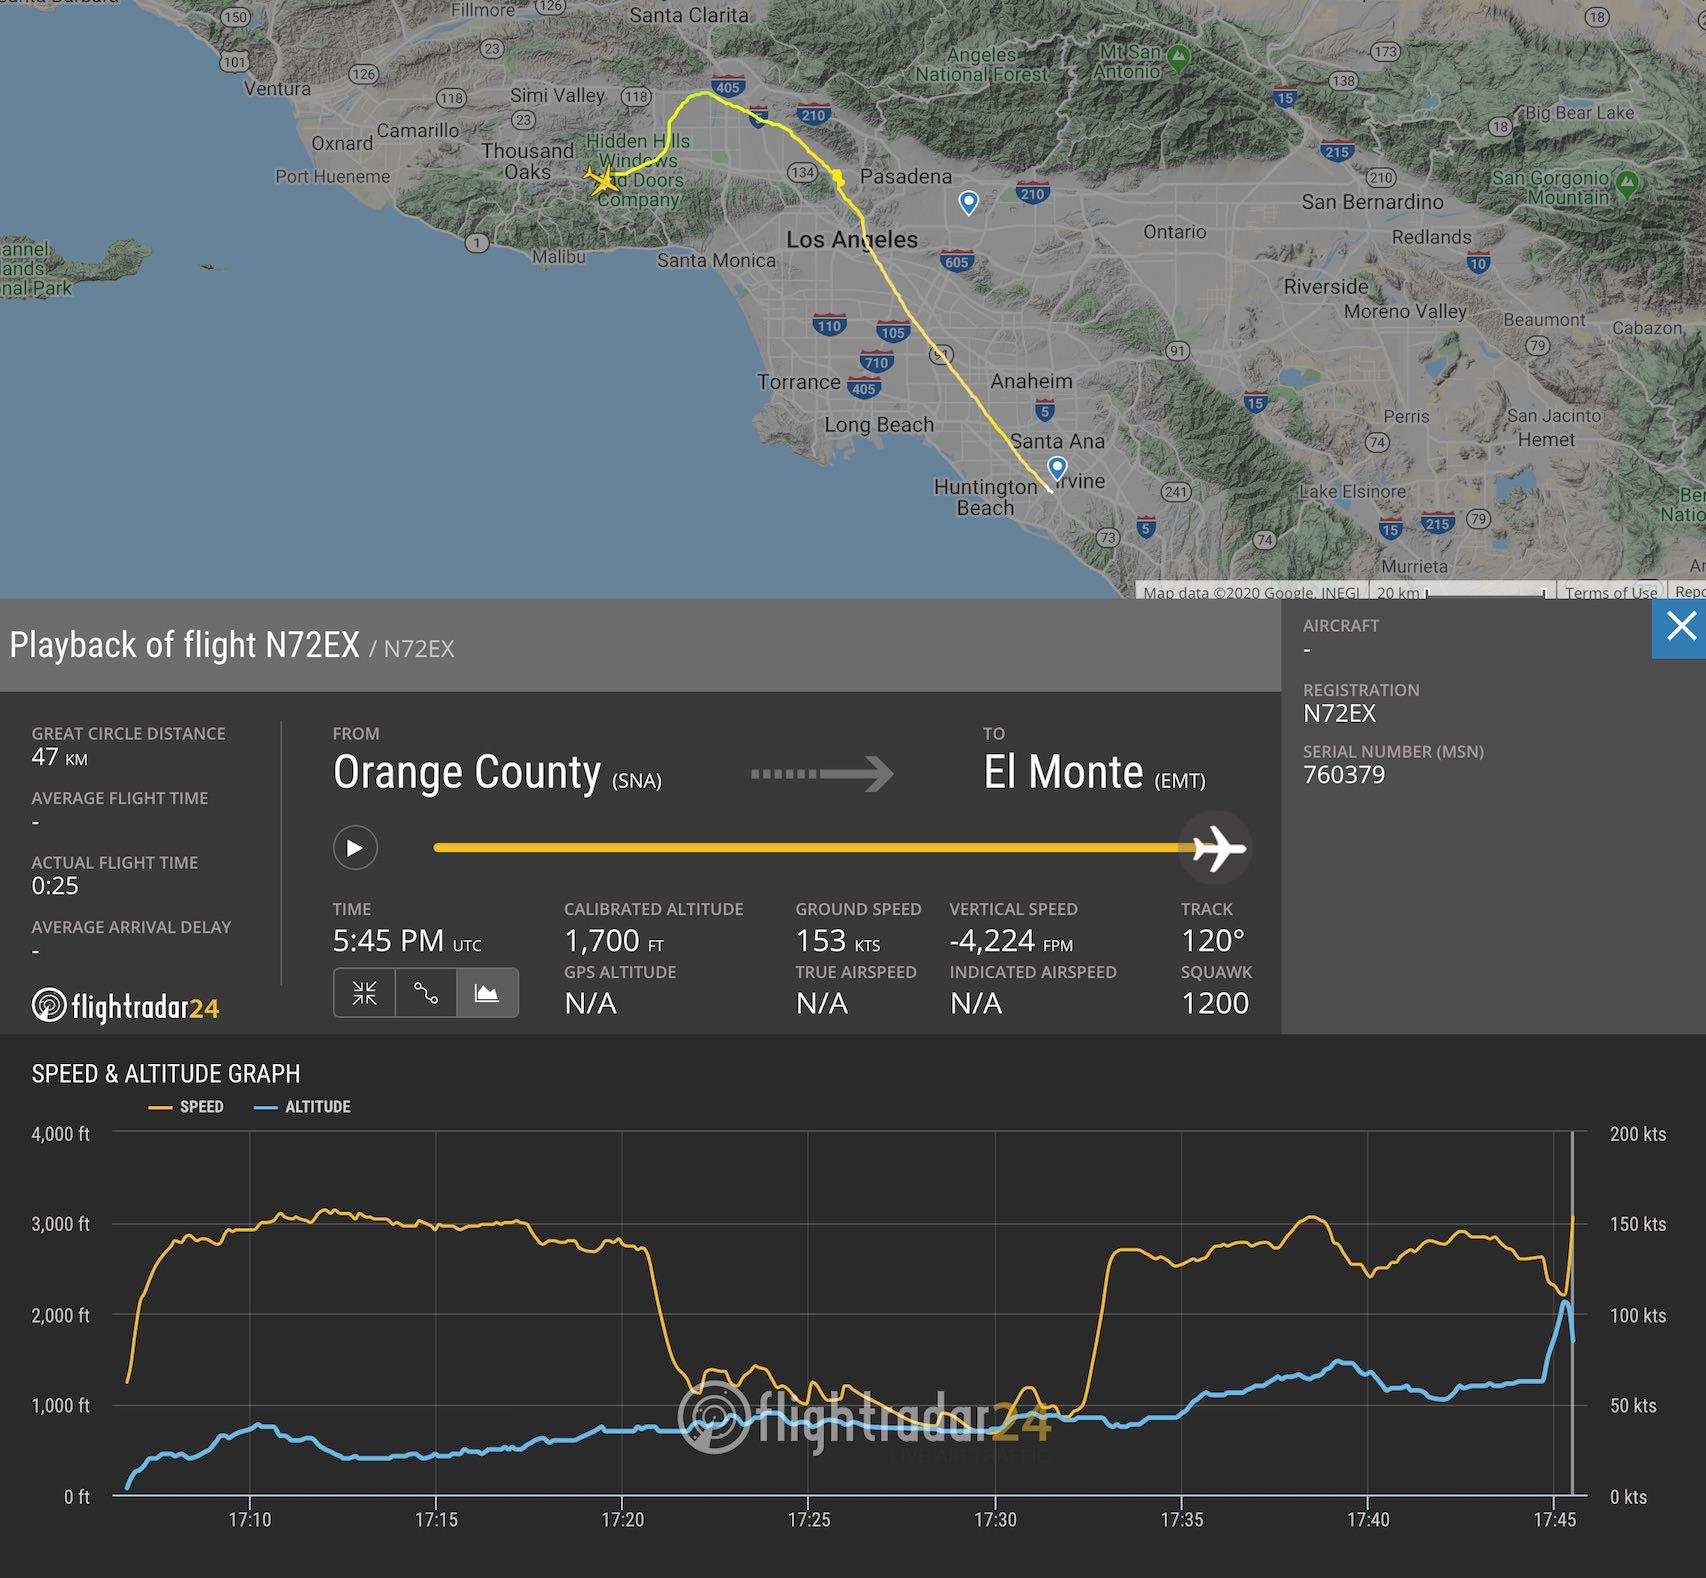 N72EX Flightradar24